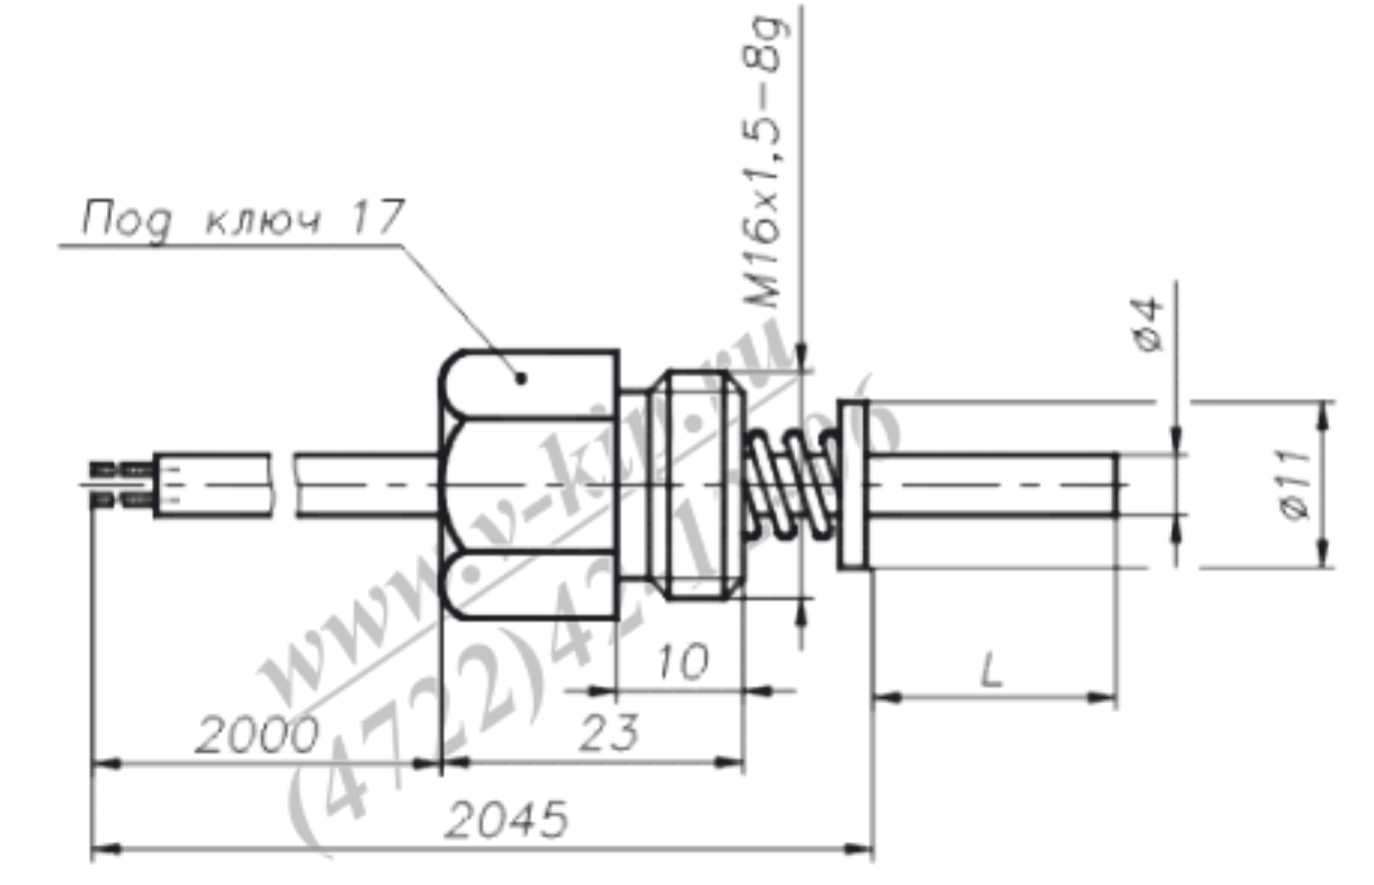 Габаритный чертеж преобразователей термоэлектрических ТХК-1190В